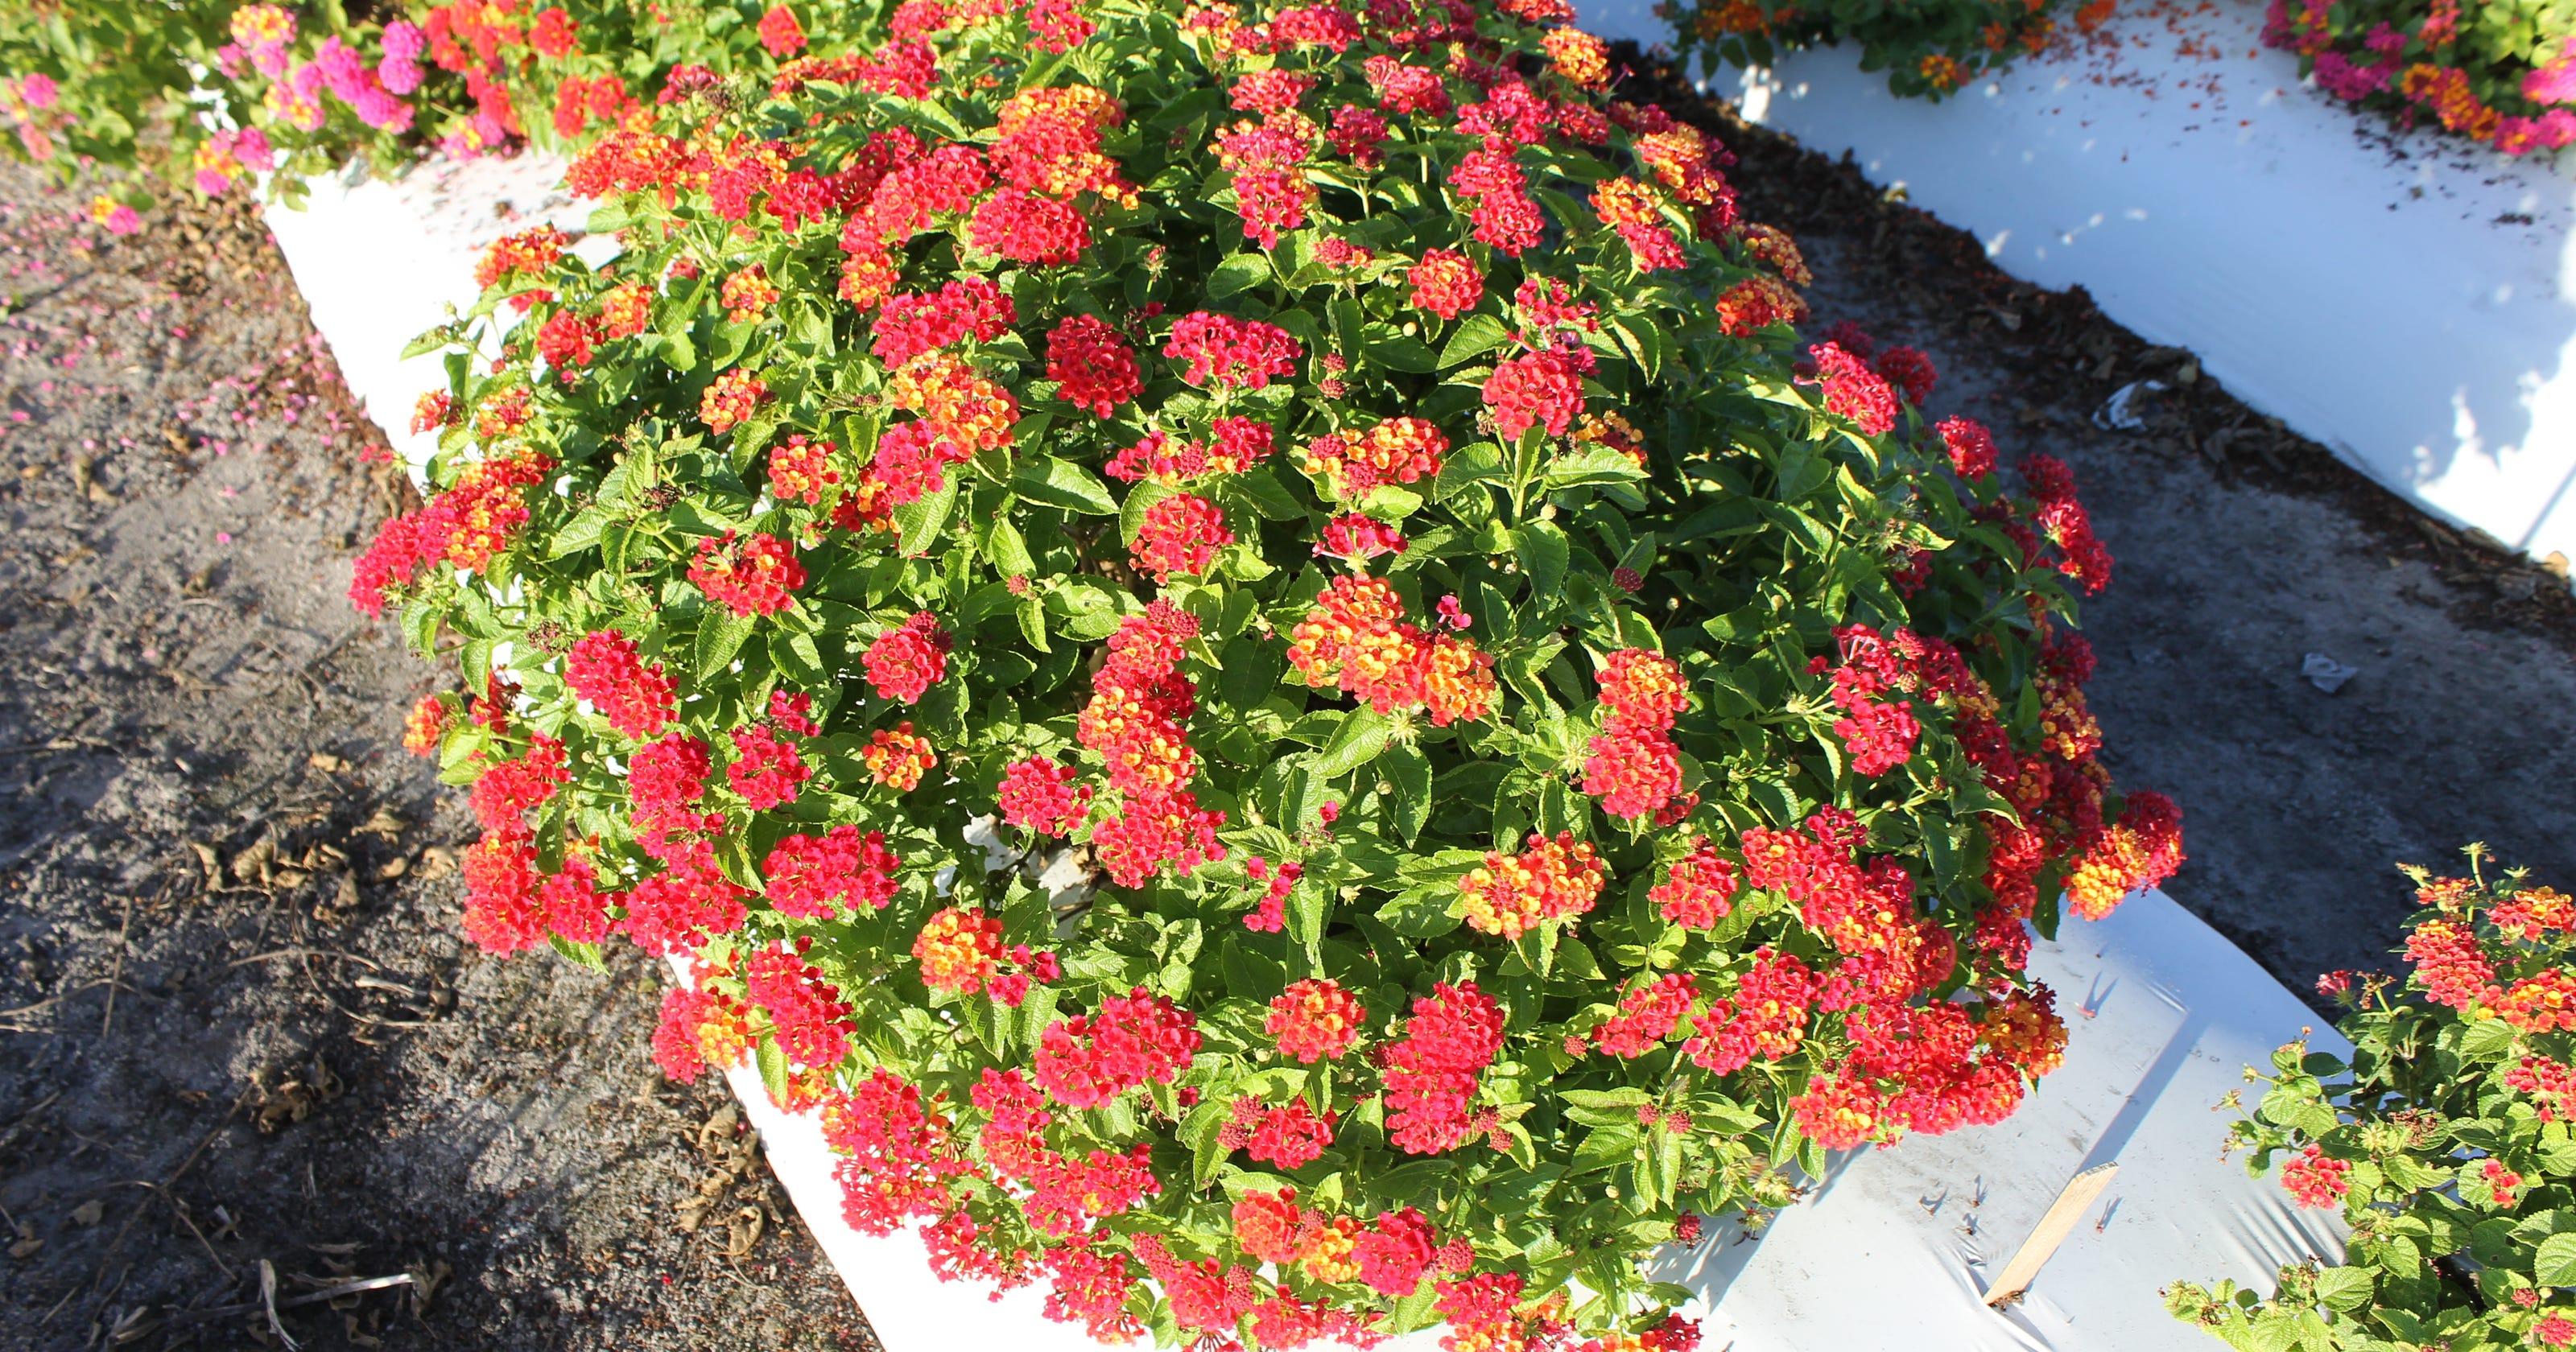 New Lantana Variety Protects Native Flora